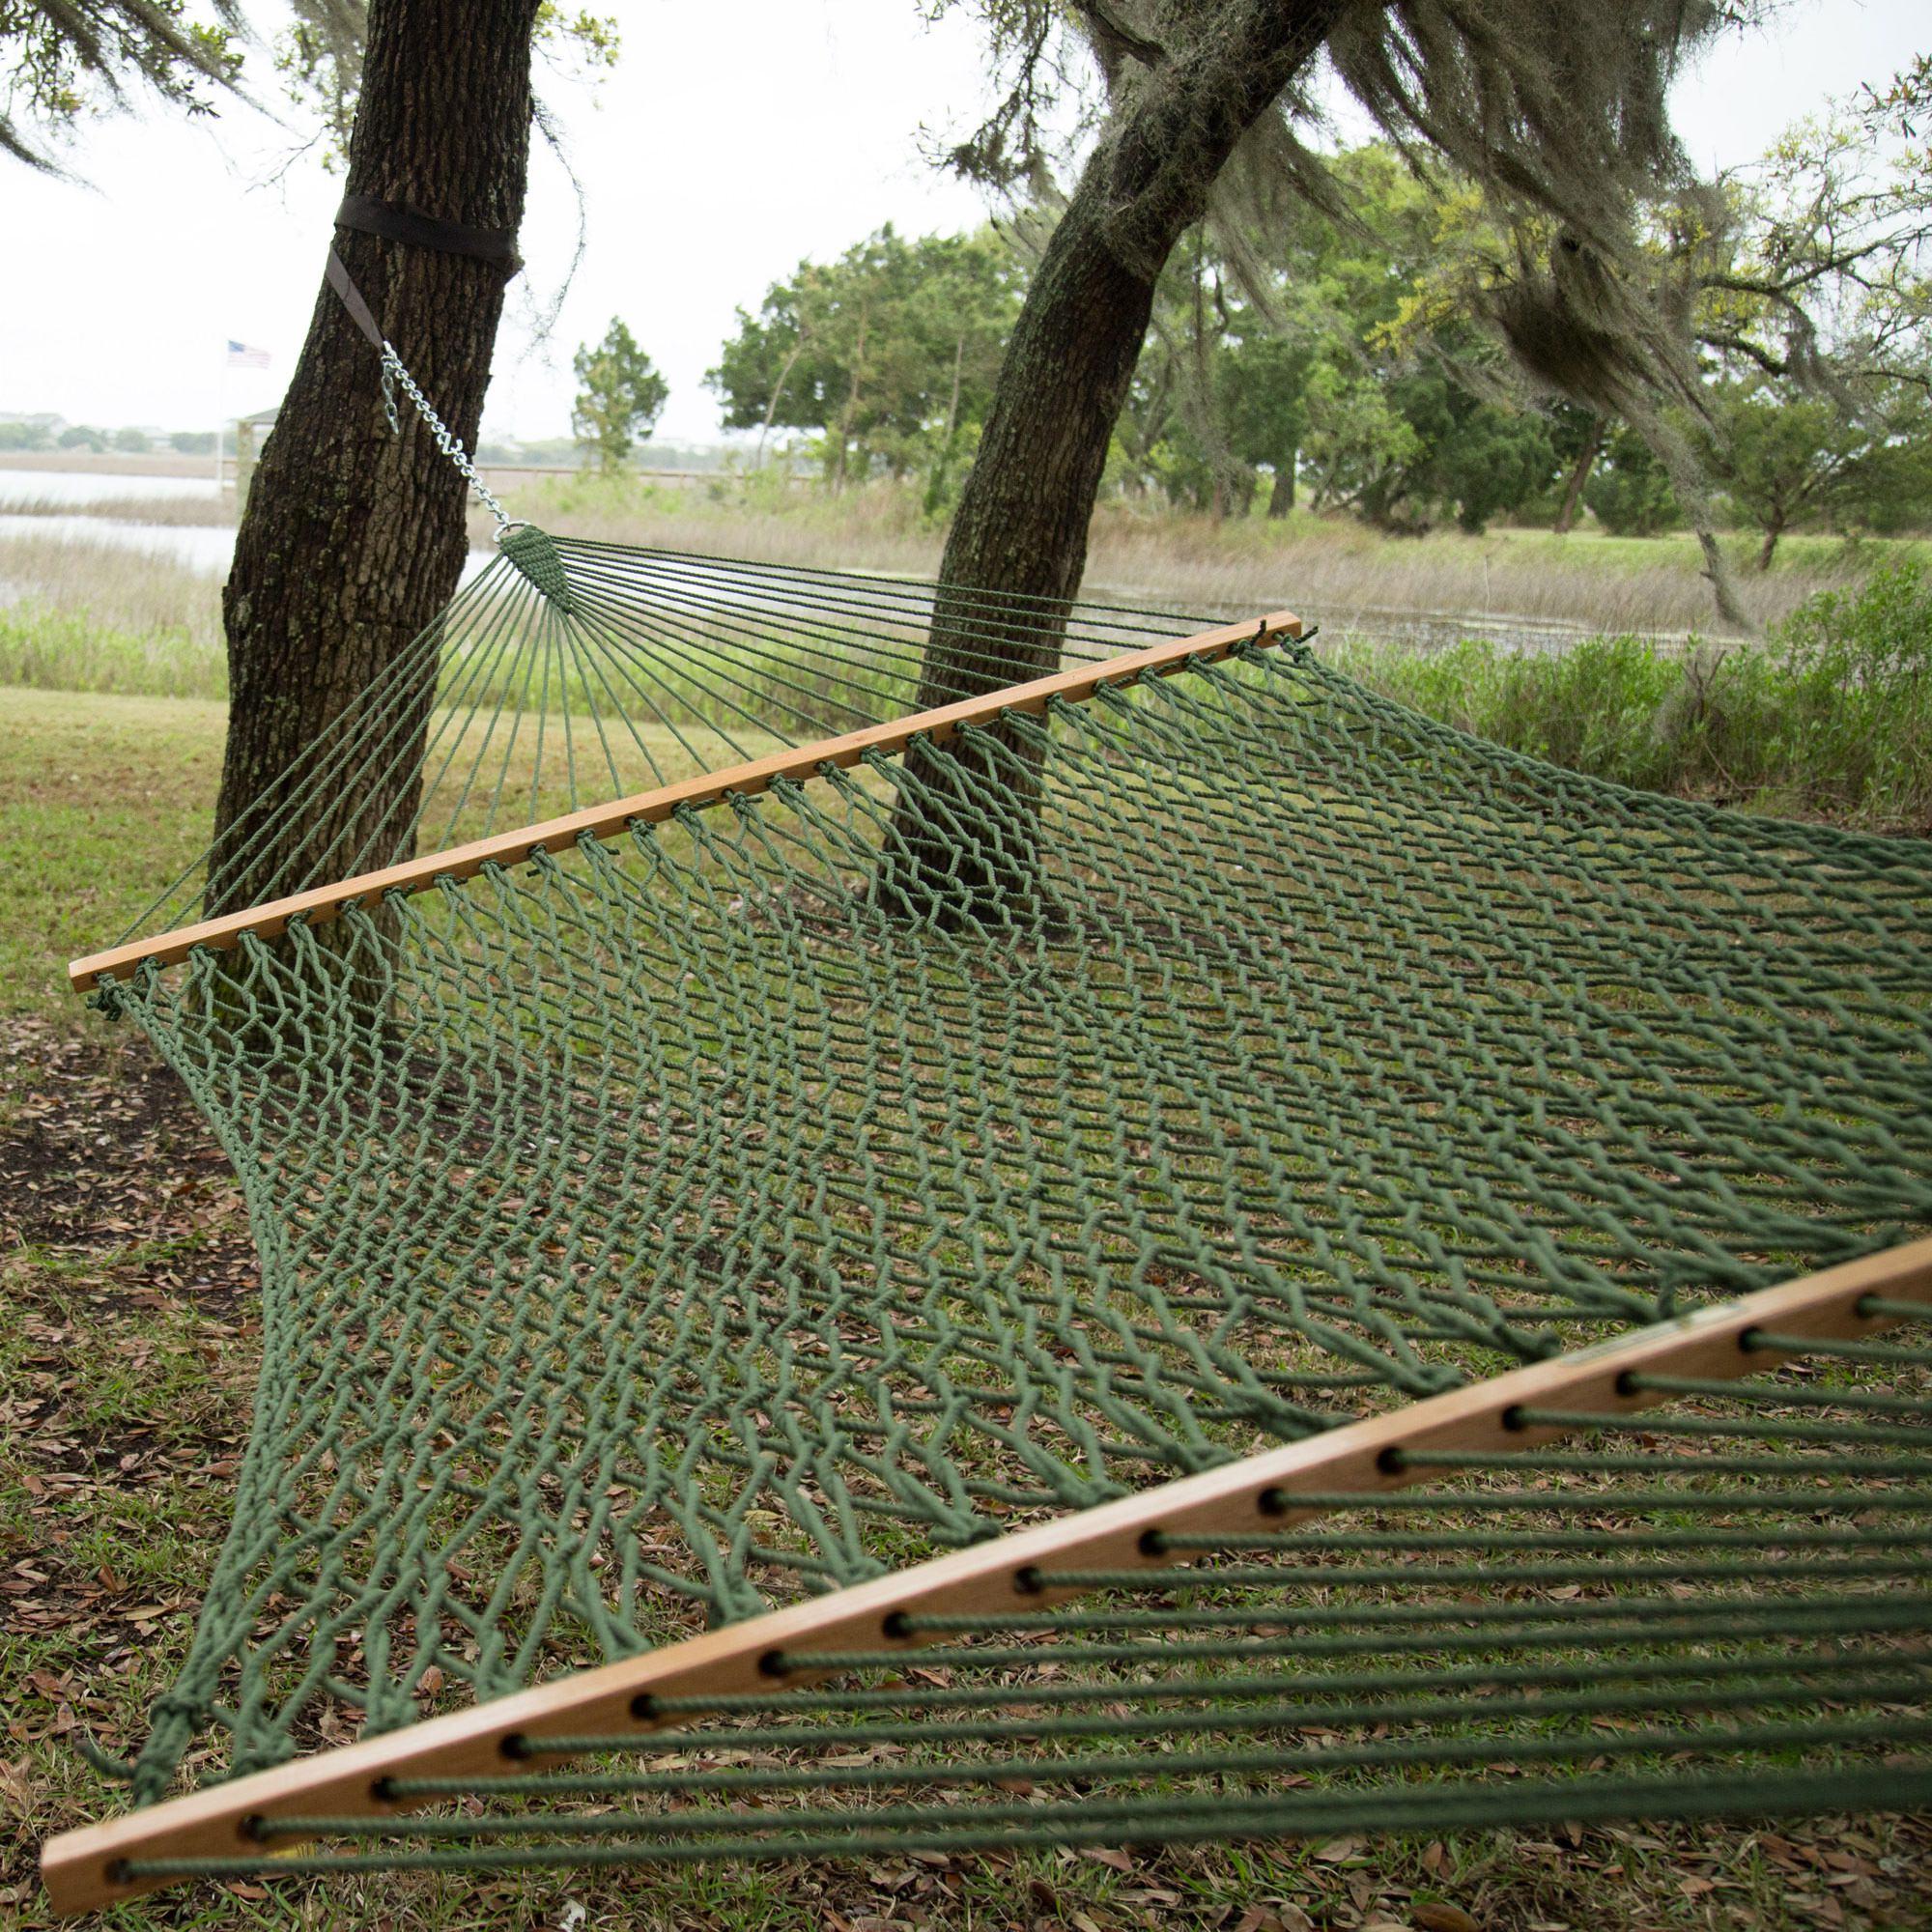 Meadow Presidential Original Duracord Rope Hammock